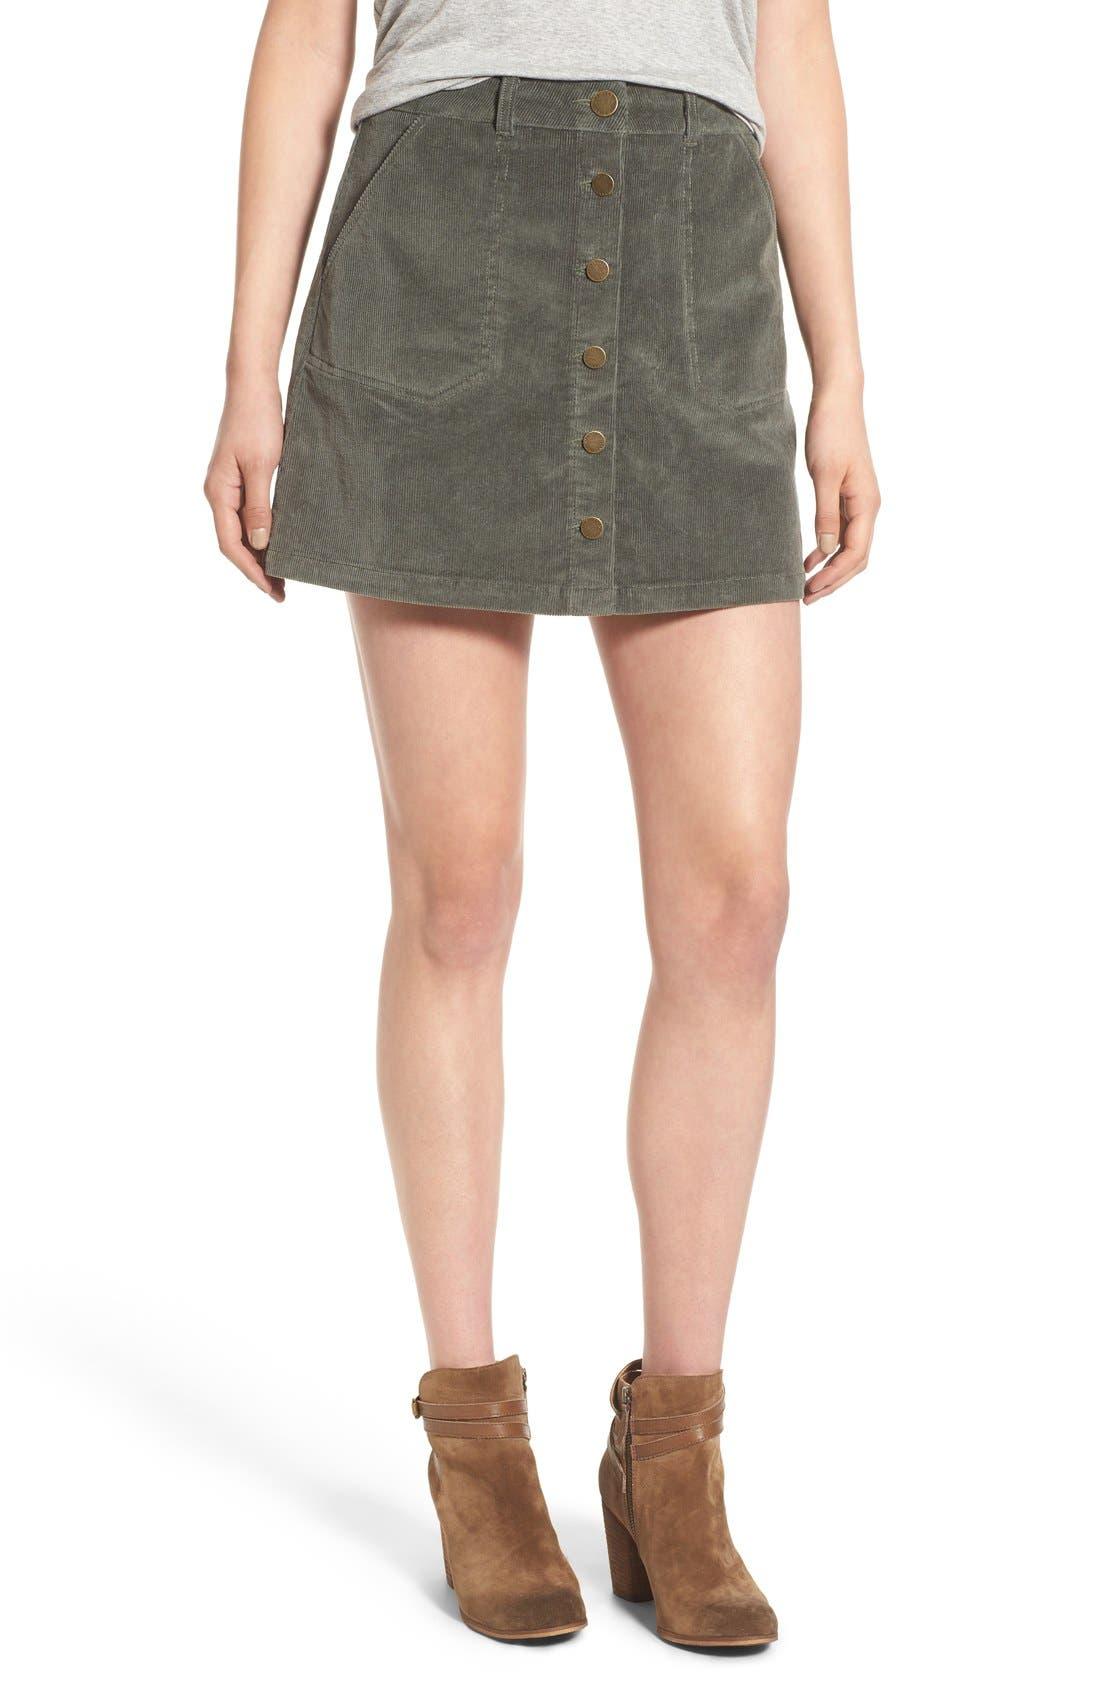 JOLT, Corduroy A-Line Skirt, Main thumbnail 1, color, 300